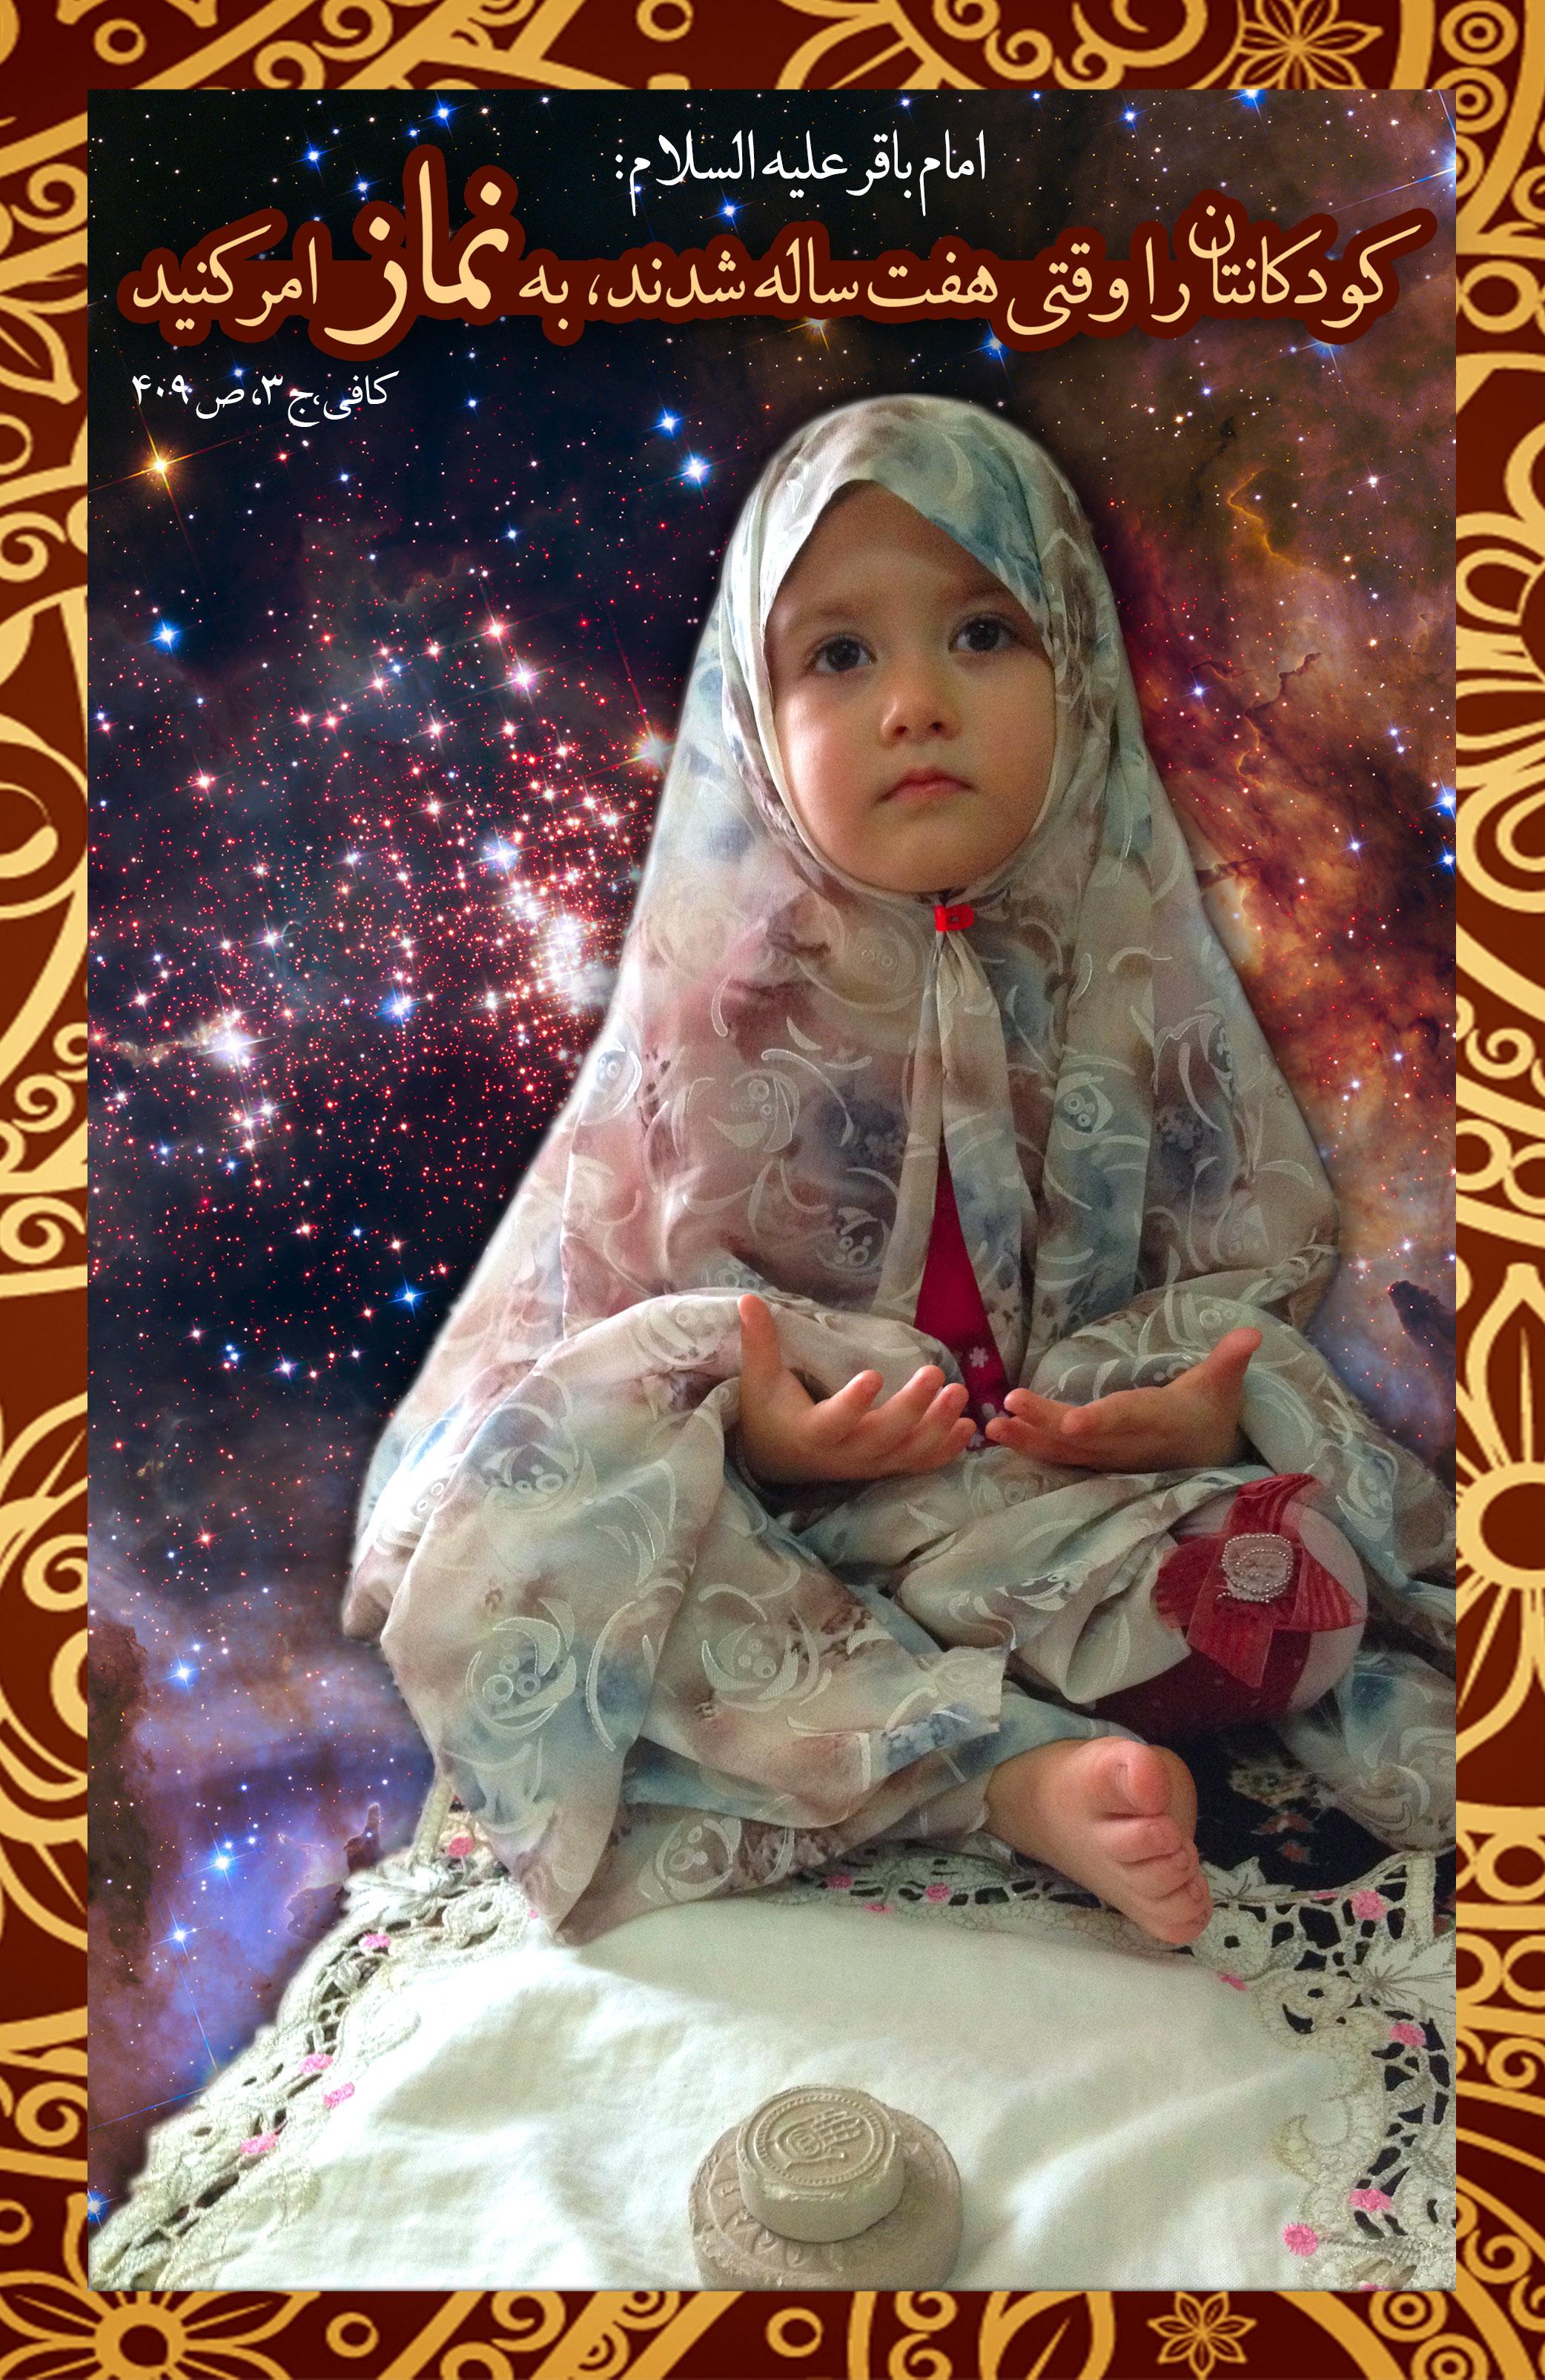 نماز کودک copy